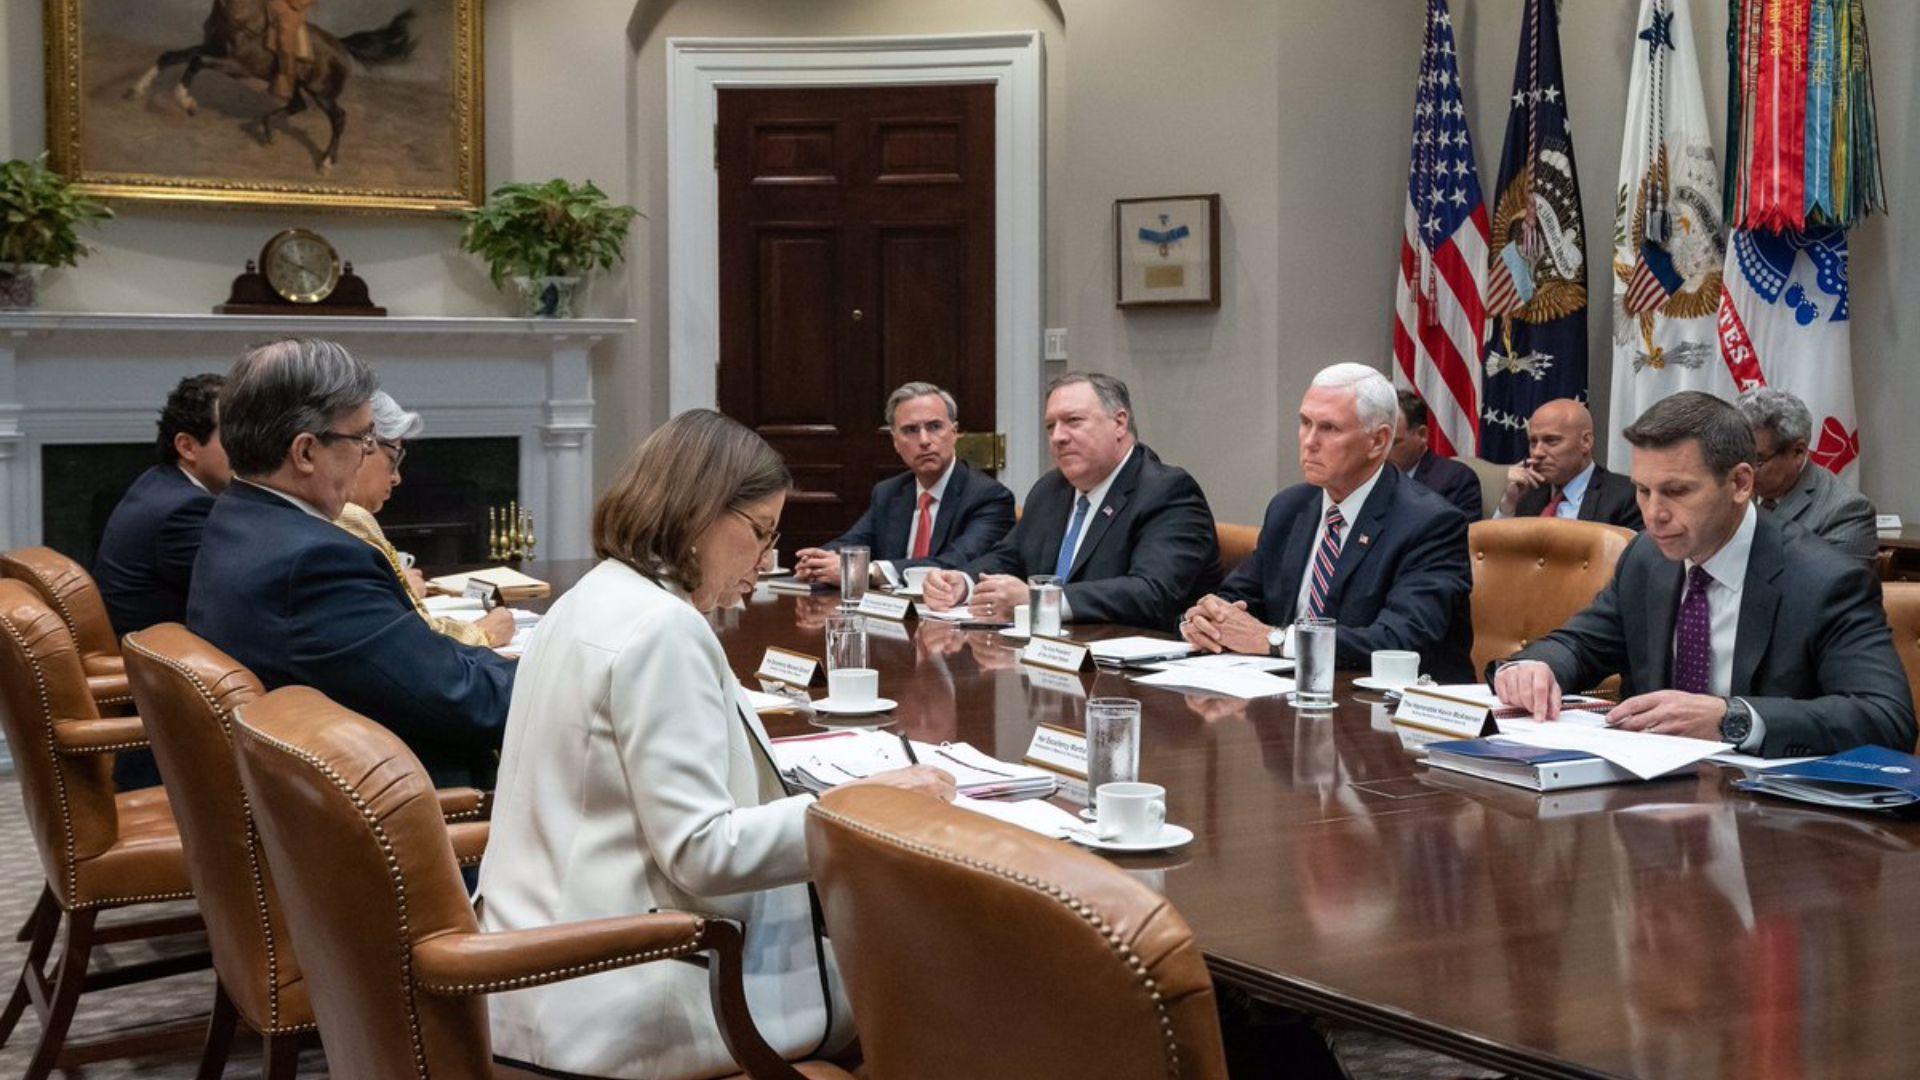 Representantes de ambos gobiernos se reunieron ayer y hoy en la Casa Blanca (Foto: Twitter @VP)